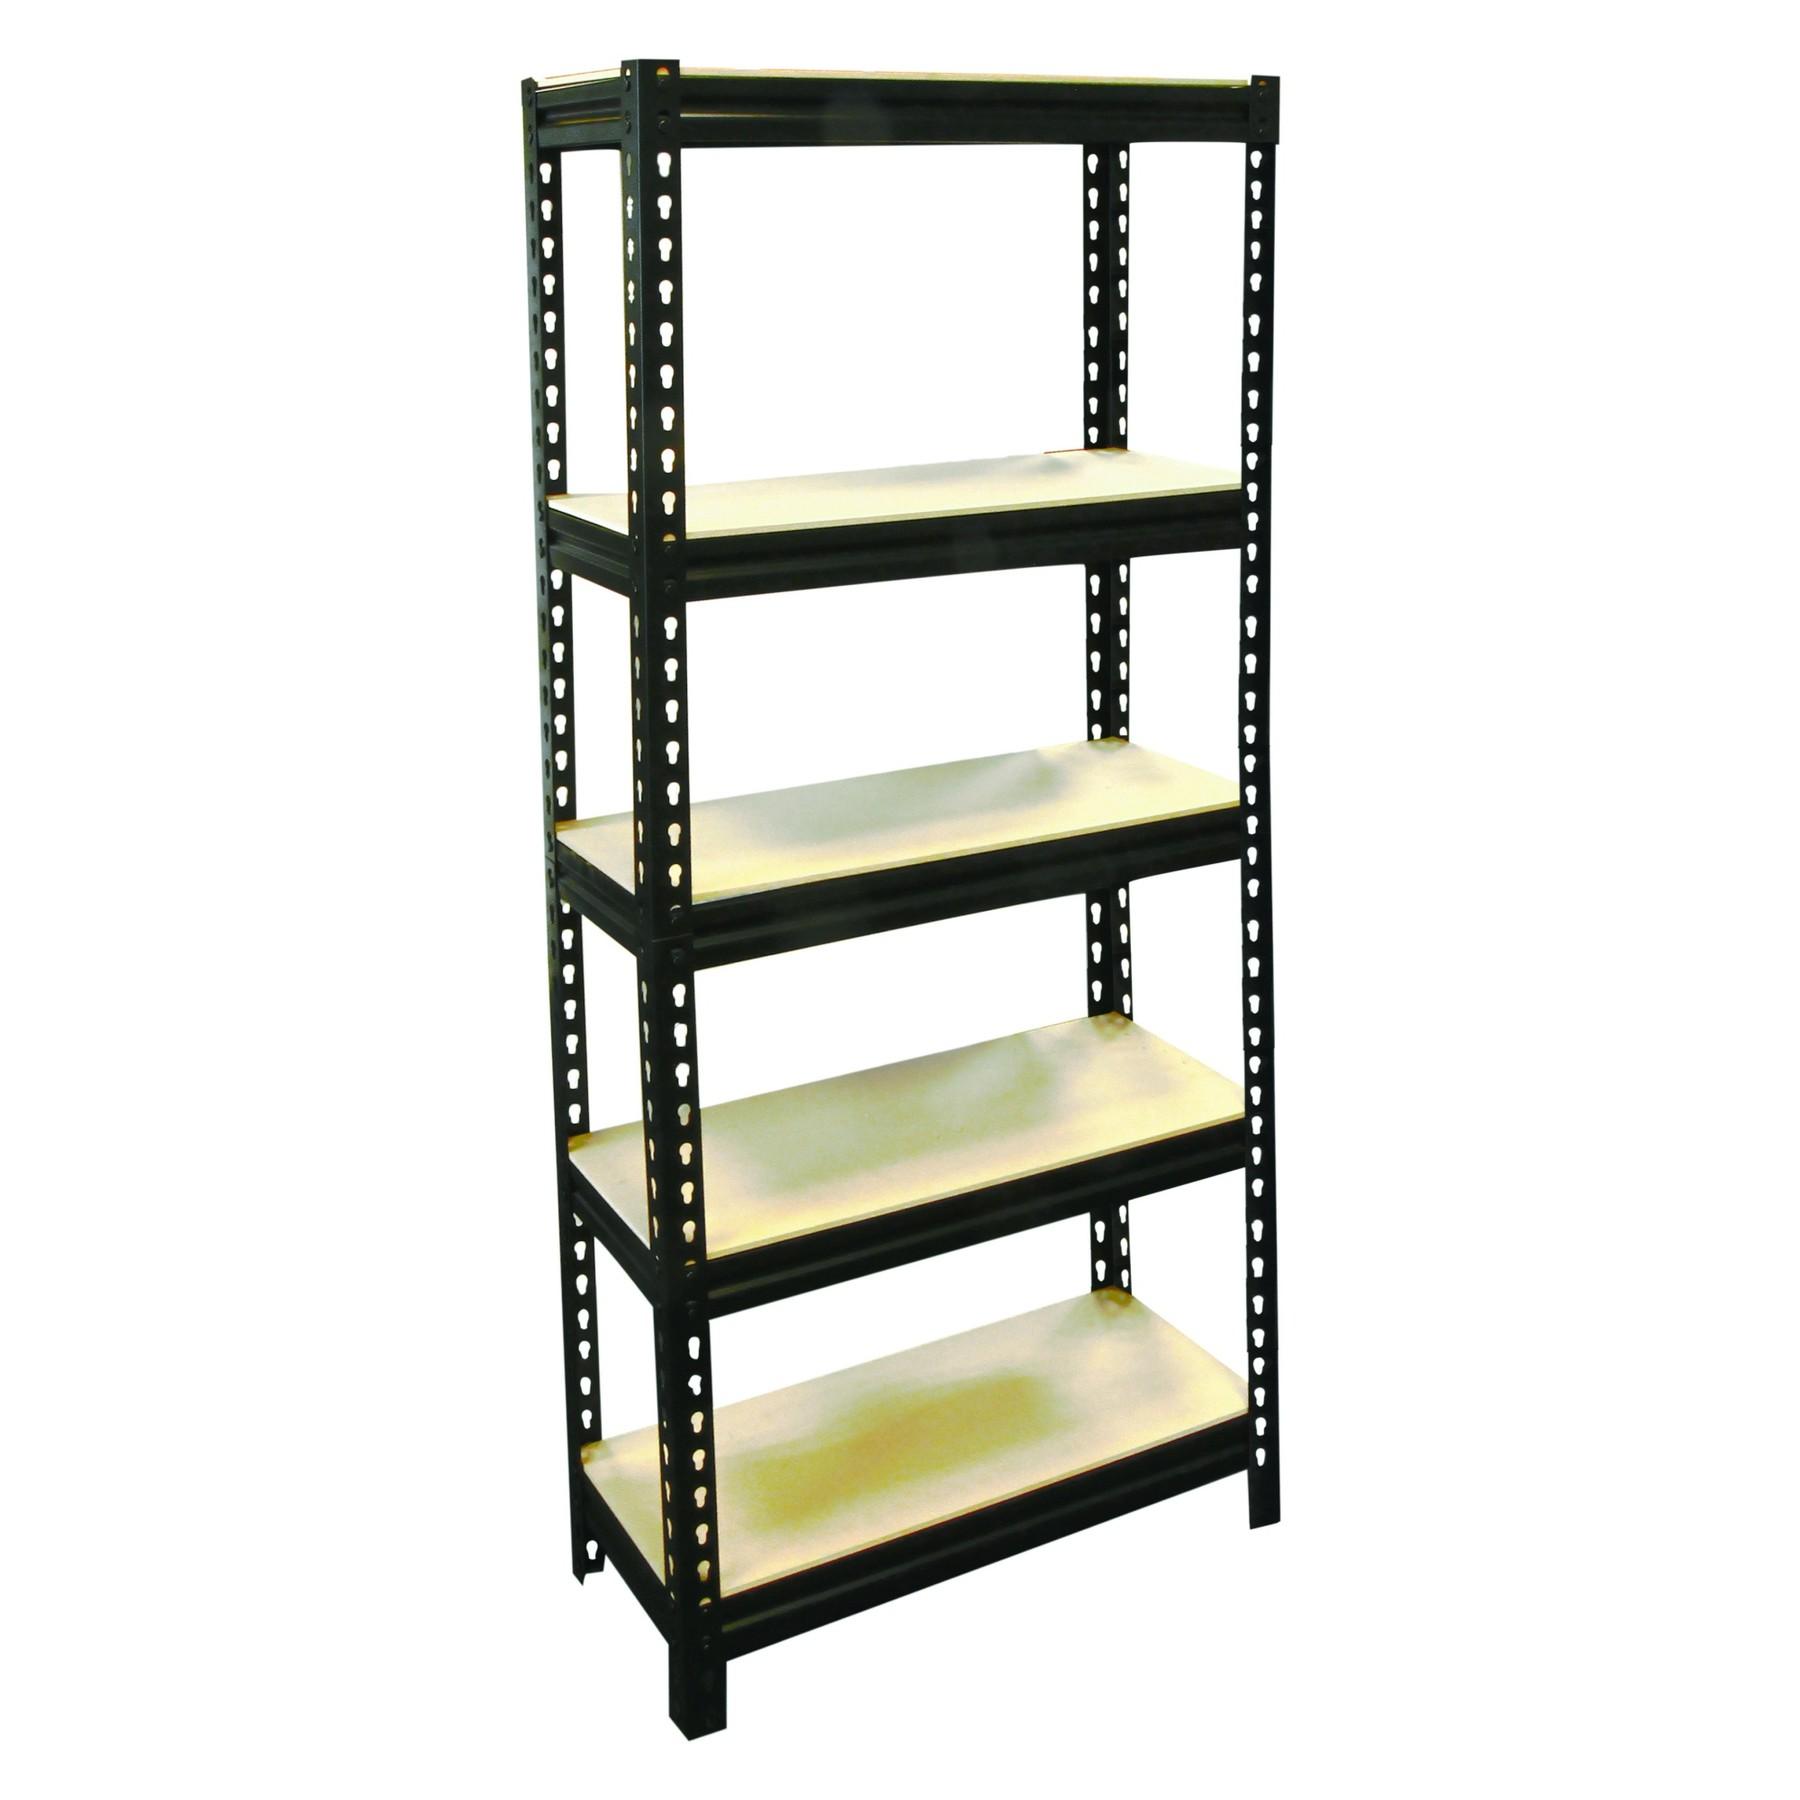 5 layer storage shelf unit powder coated boltless steel. Black Bedroom Furniture Sets. Home Design Ideas